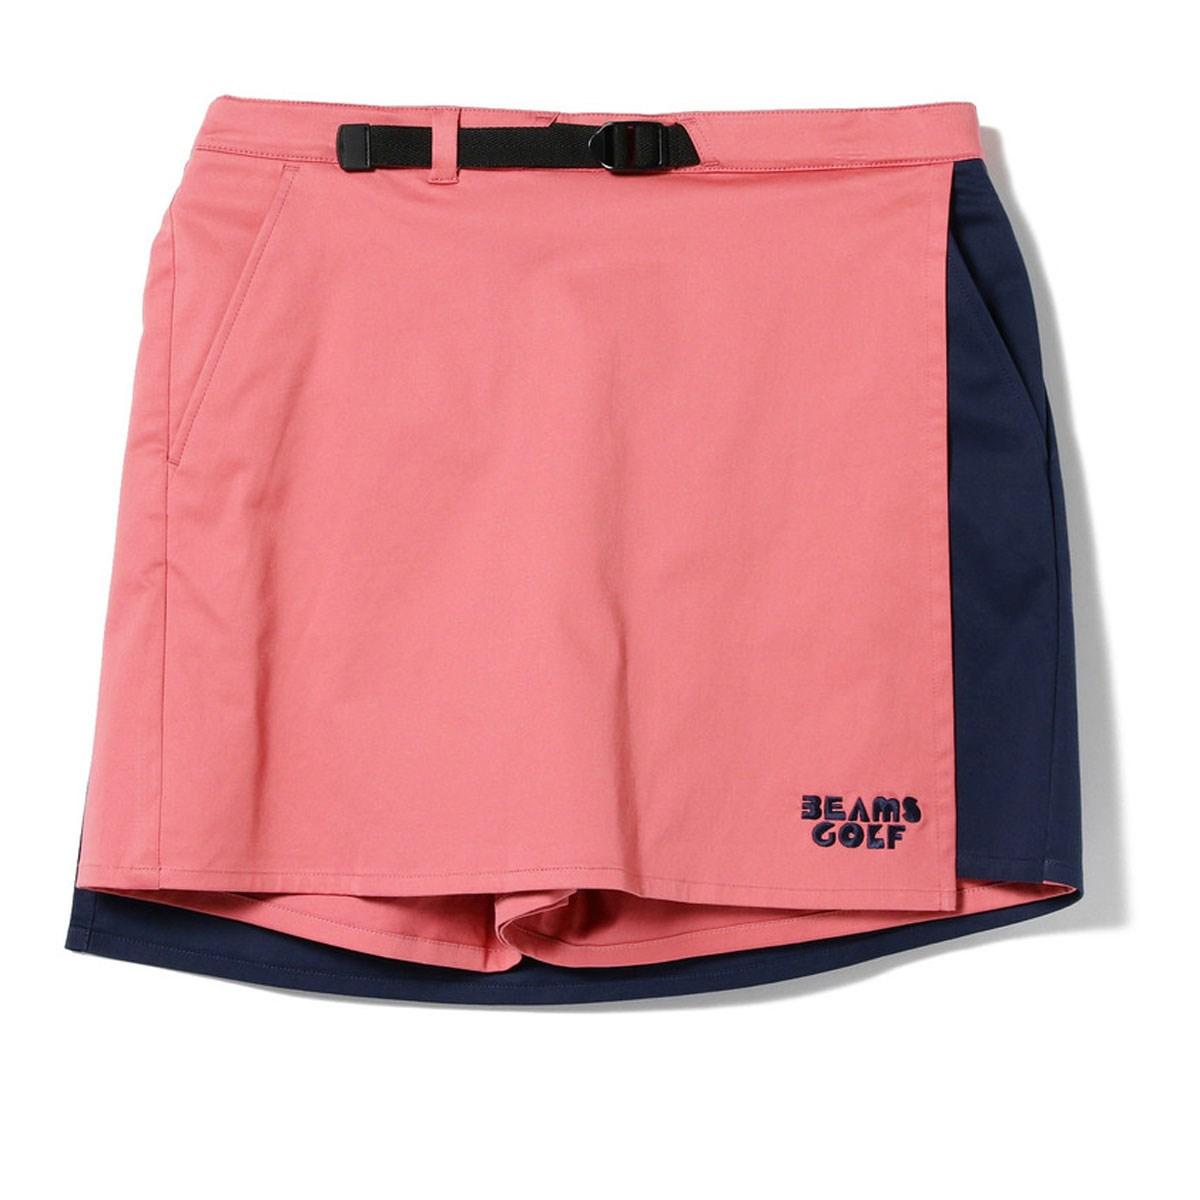 ビームスゴルフ BEAMS GOLF ORANGE LABEL 配色 ラップ キュロット(スカート)レディス